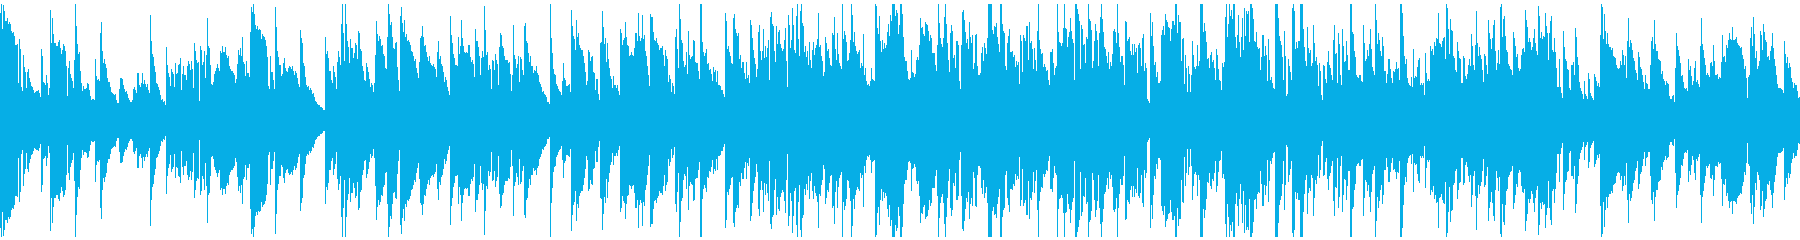 ジャズラウンジ◆クールな大人系※ループ版の再生済みの波形